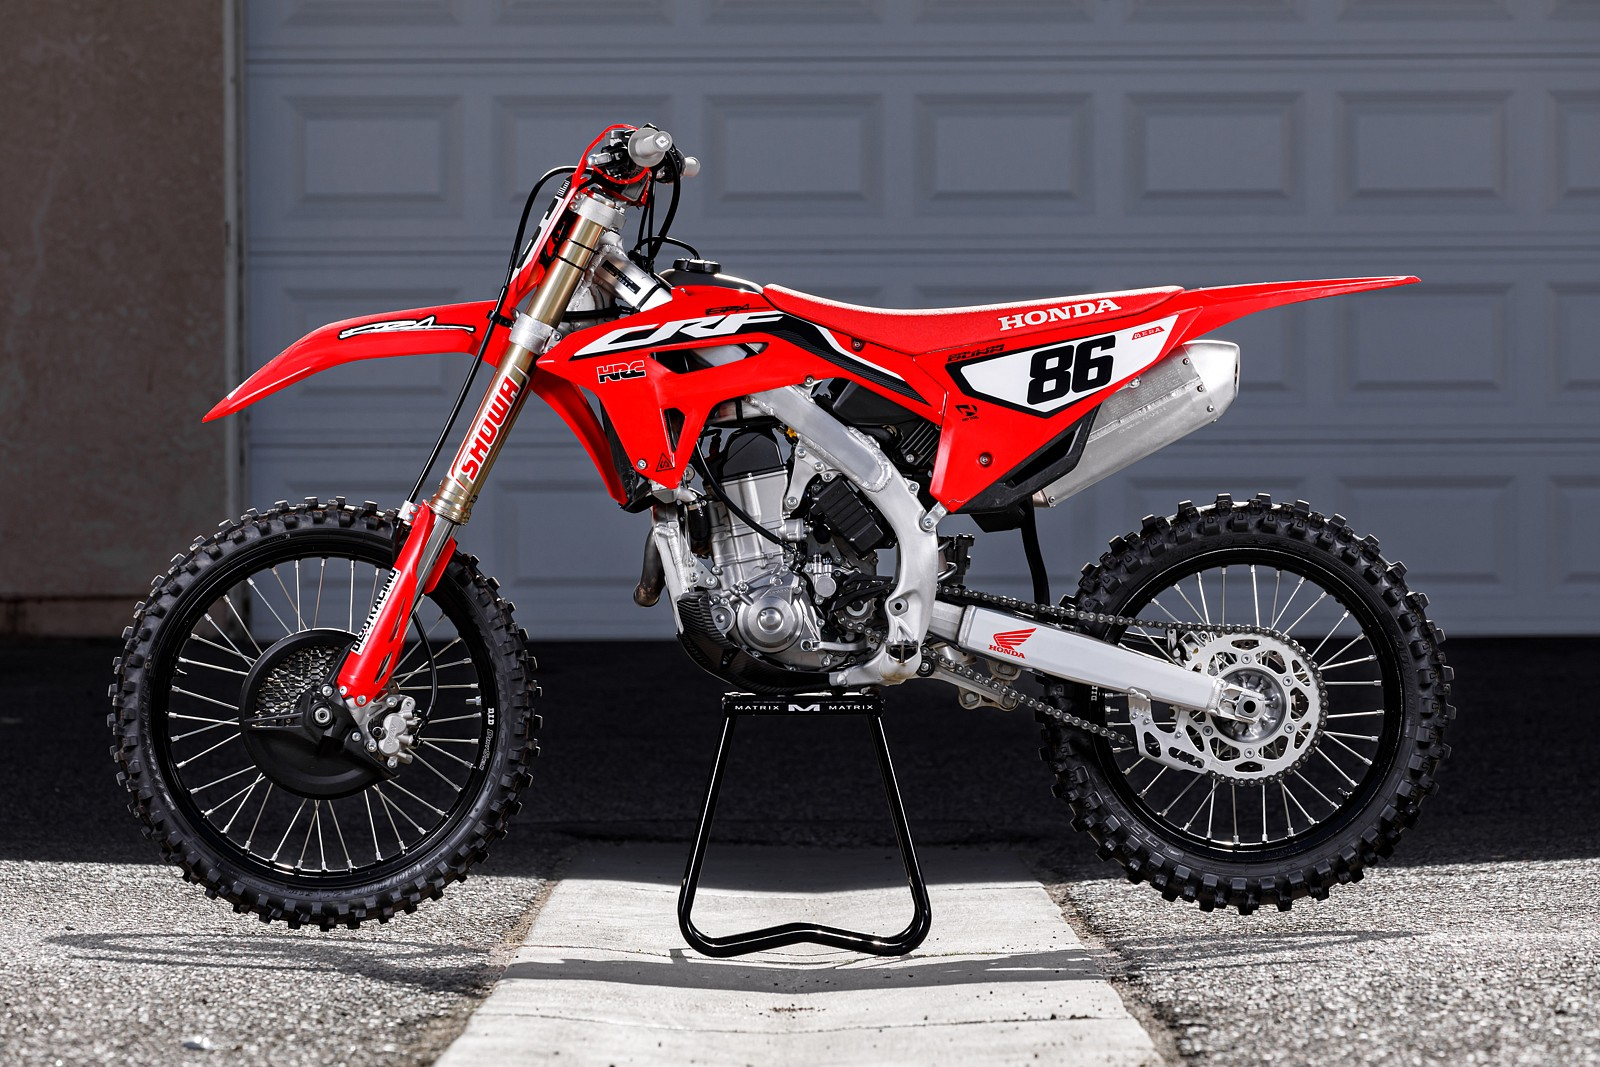 21 CRF 450  - DDunn86 - Motocross Pictures - Vital MX